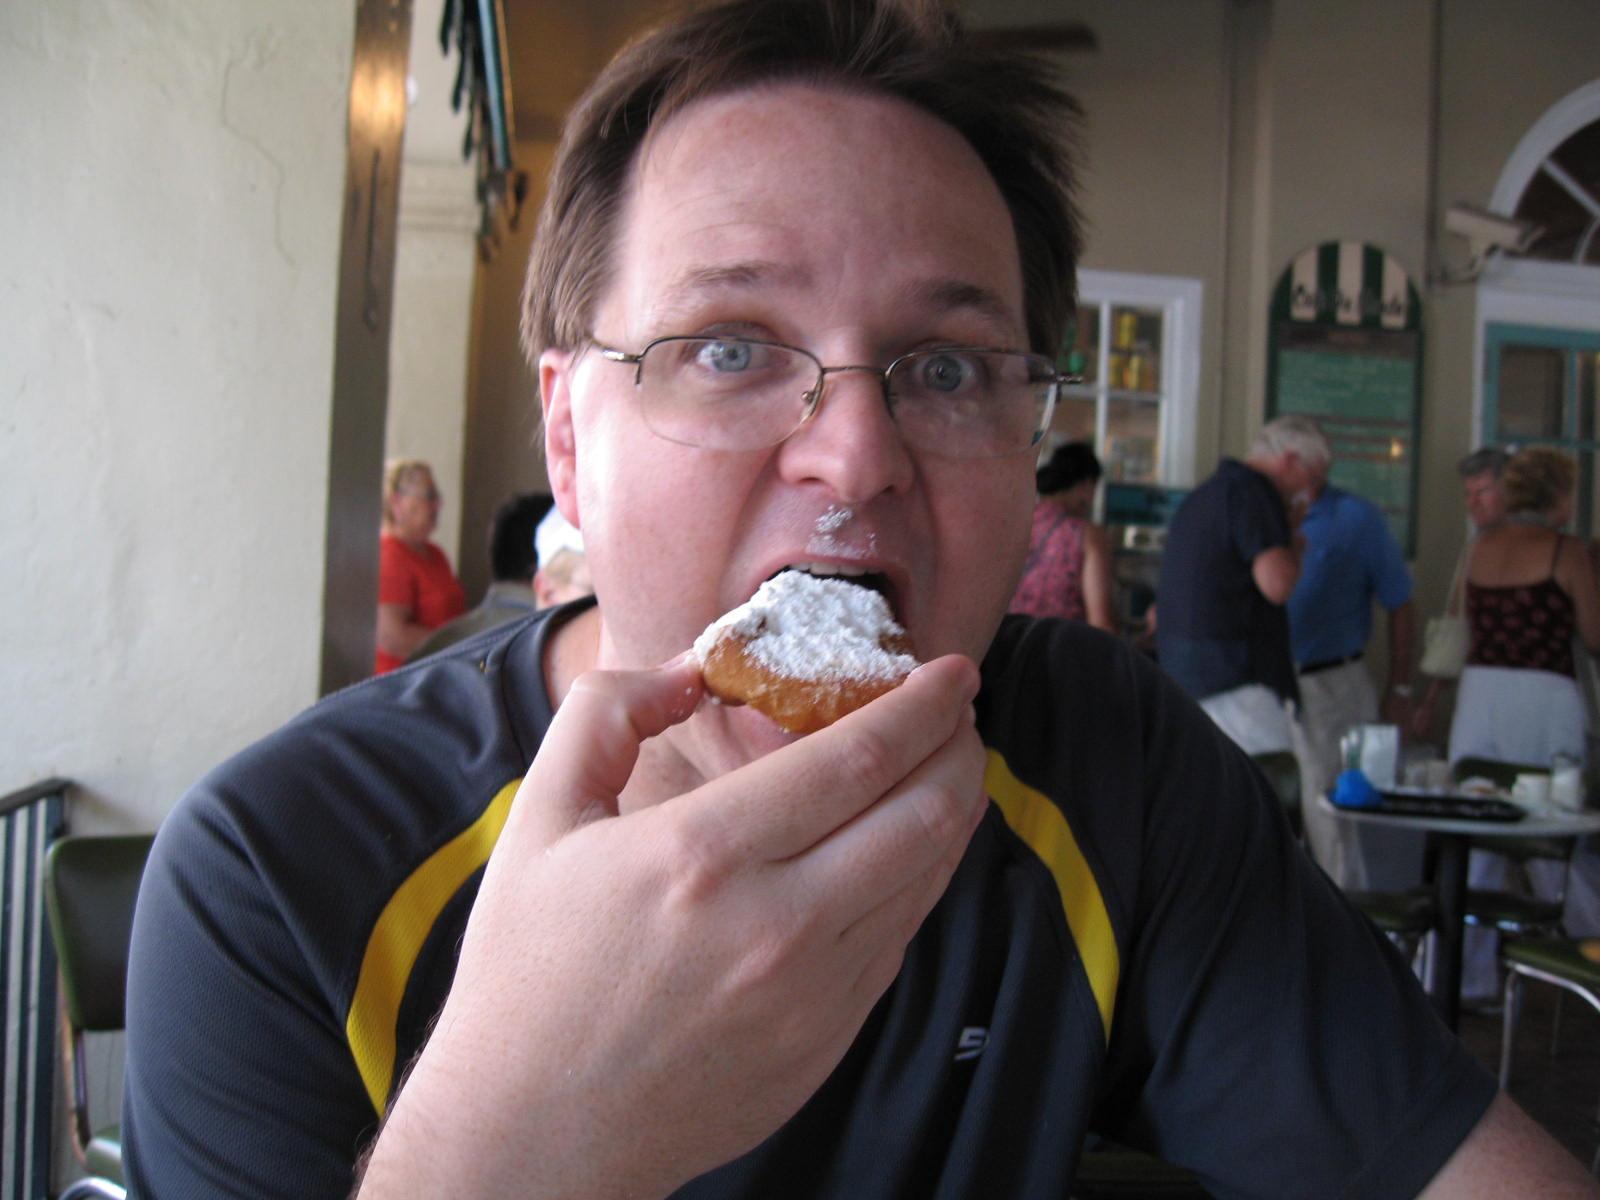 Bob eats beignet